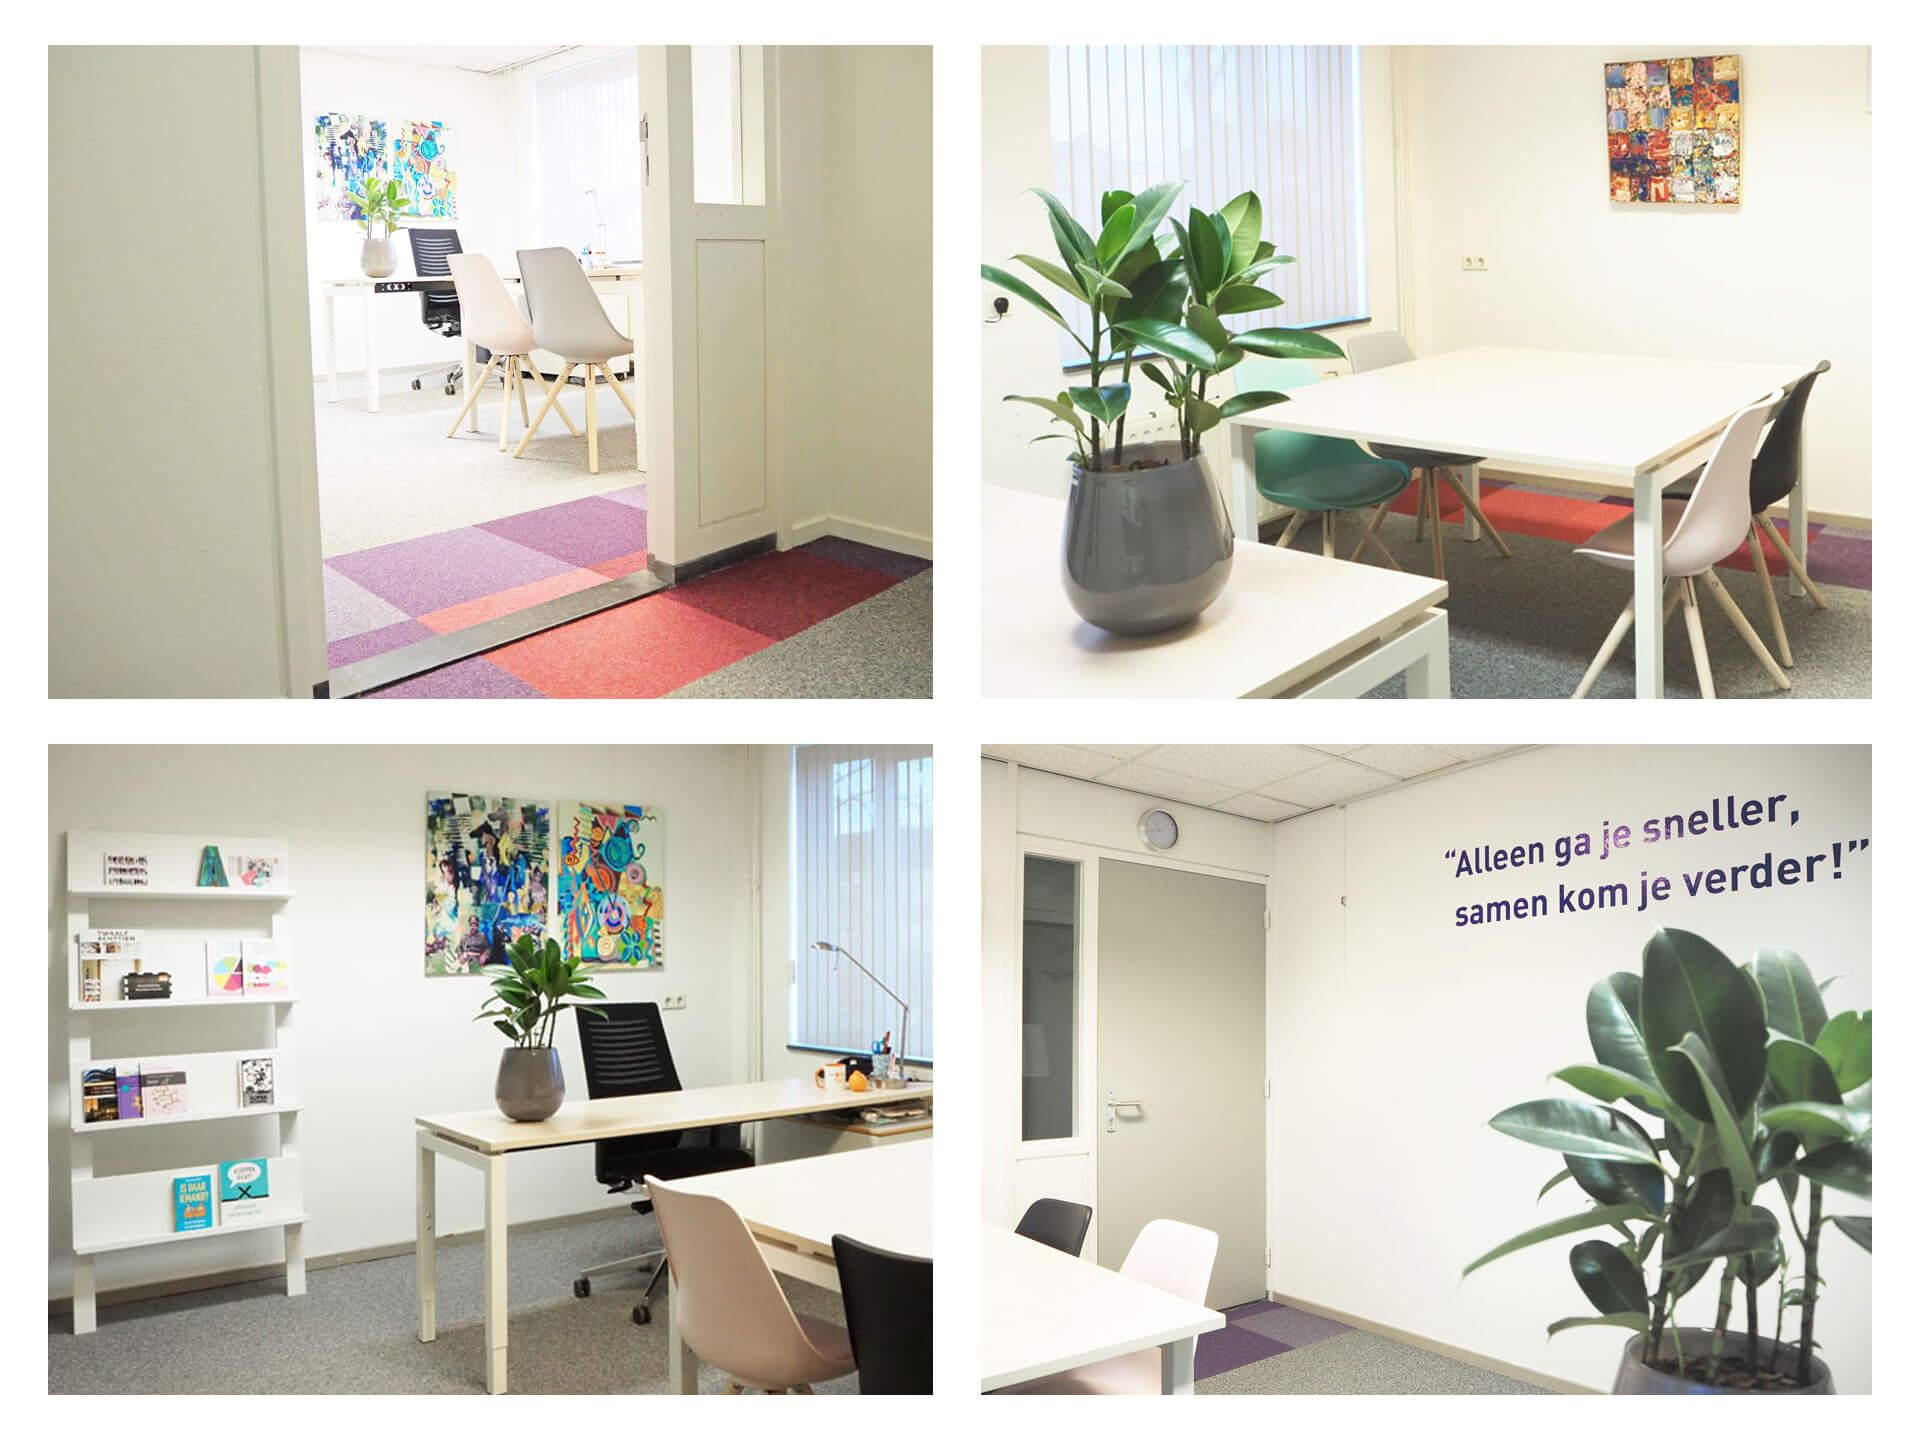 kantoor-rectrix-school-interieurconcept-door-INinterieurs-vijfhoeken-4b